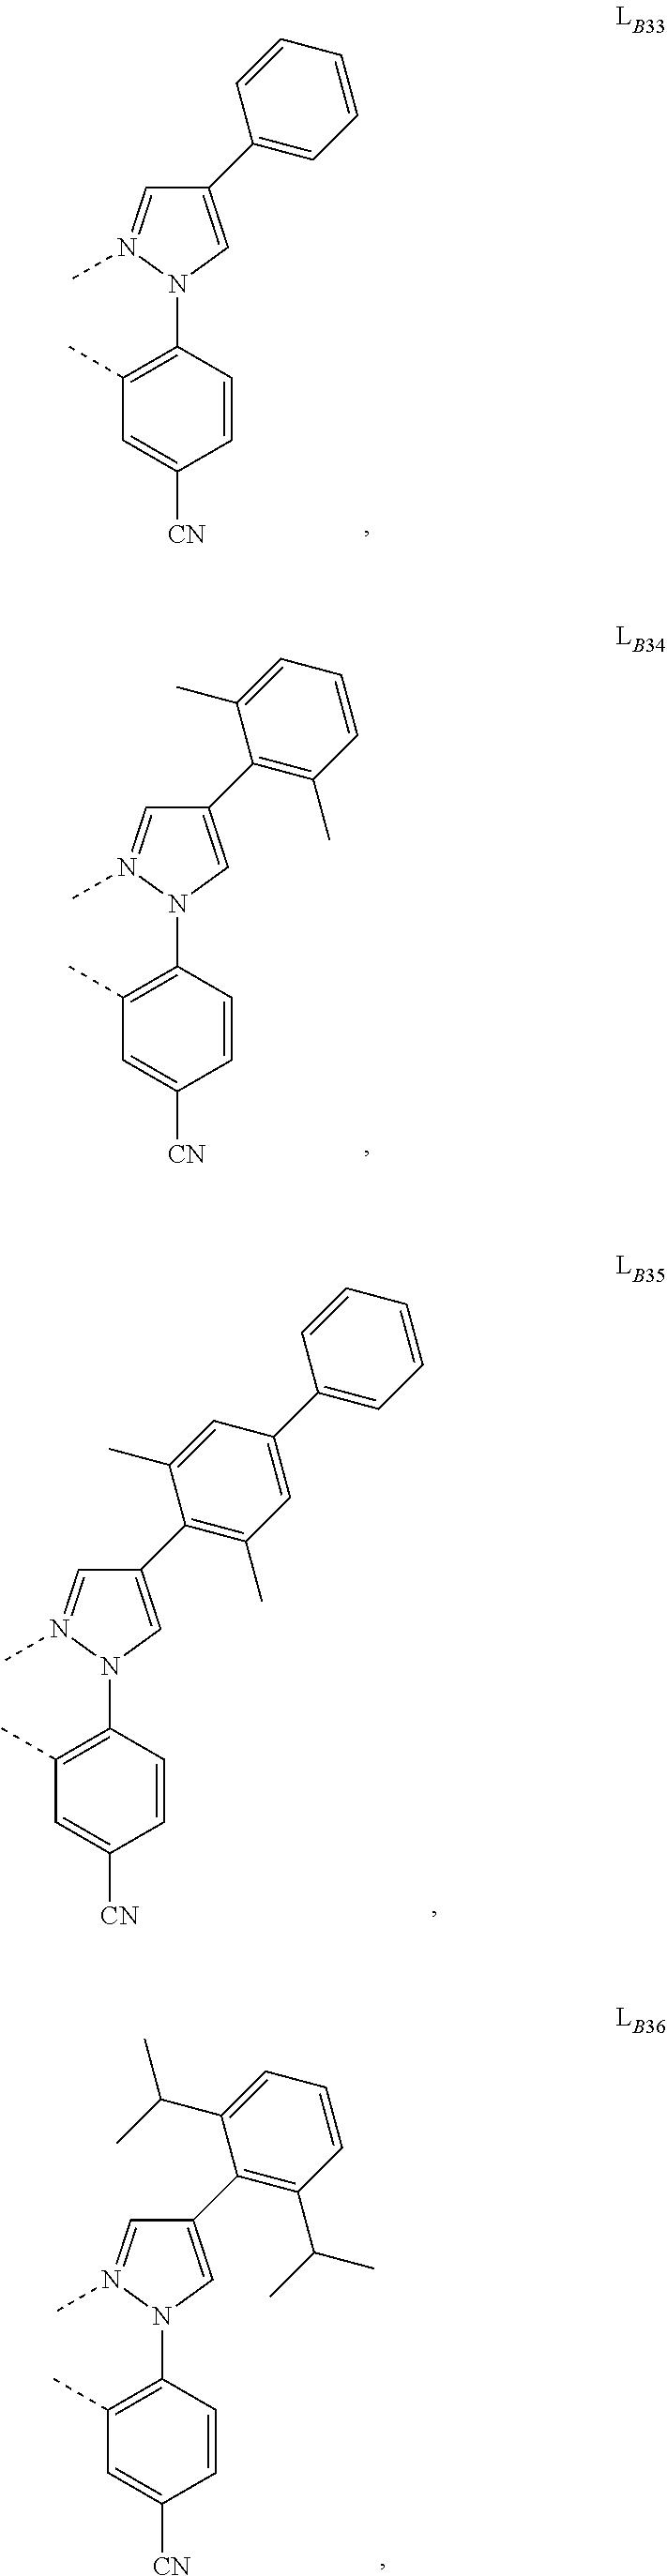 Figure US09905785-20180227-C00564